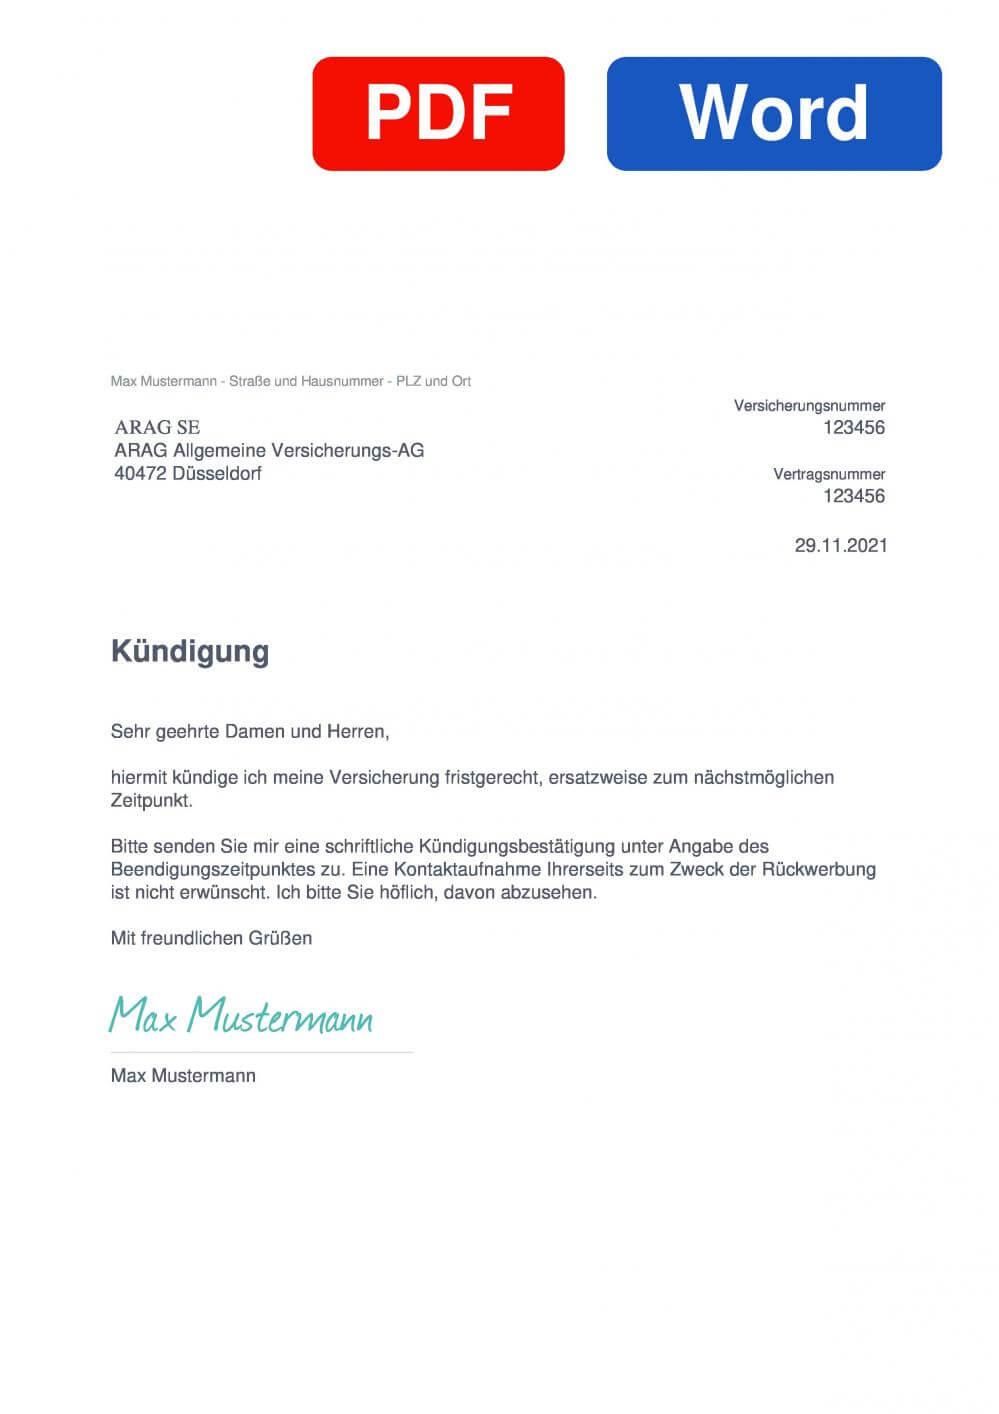 ARAG Recht und Heim Muster Vorlage für Kündigungsschreiben